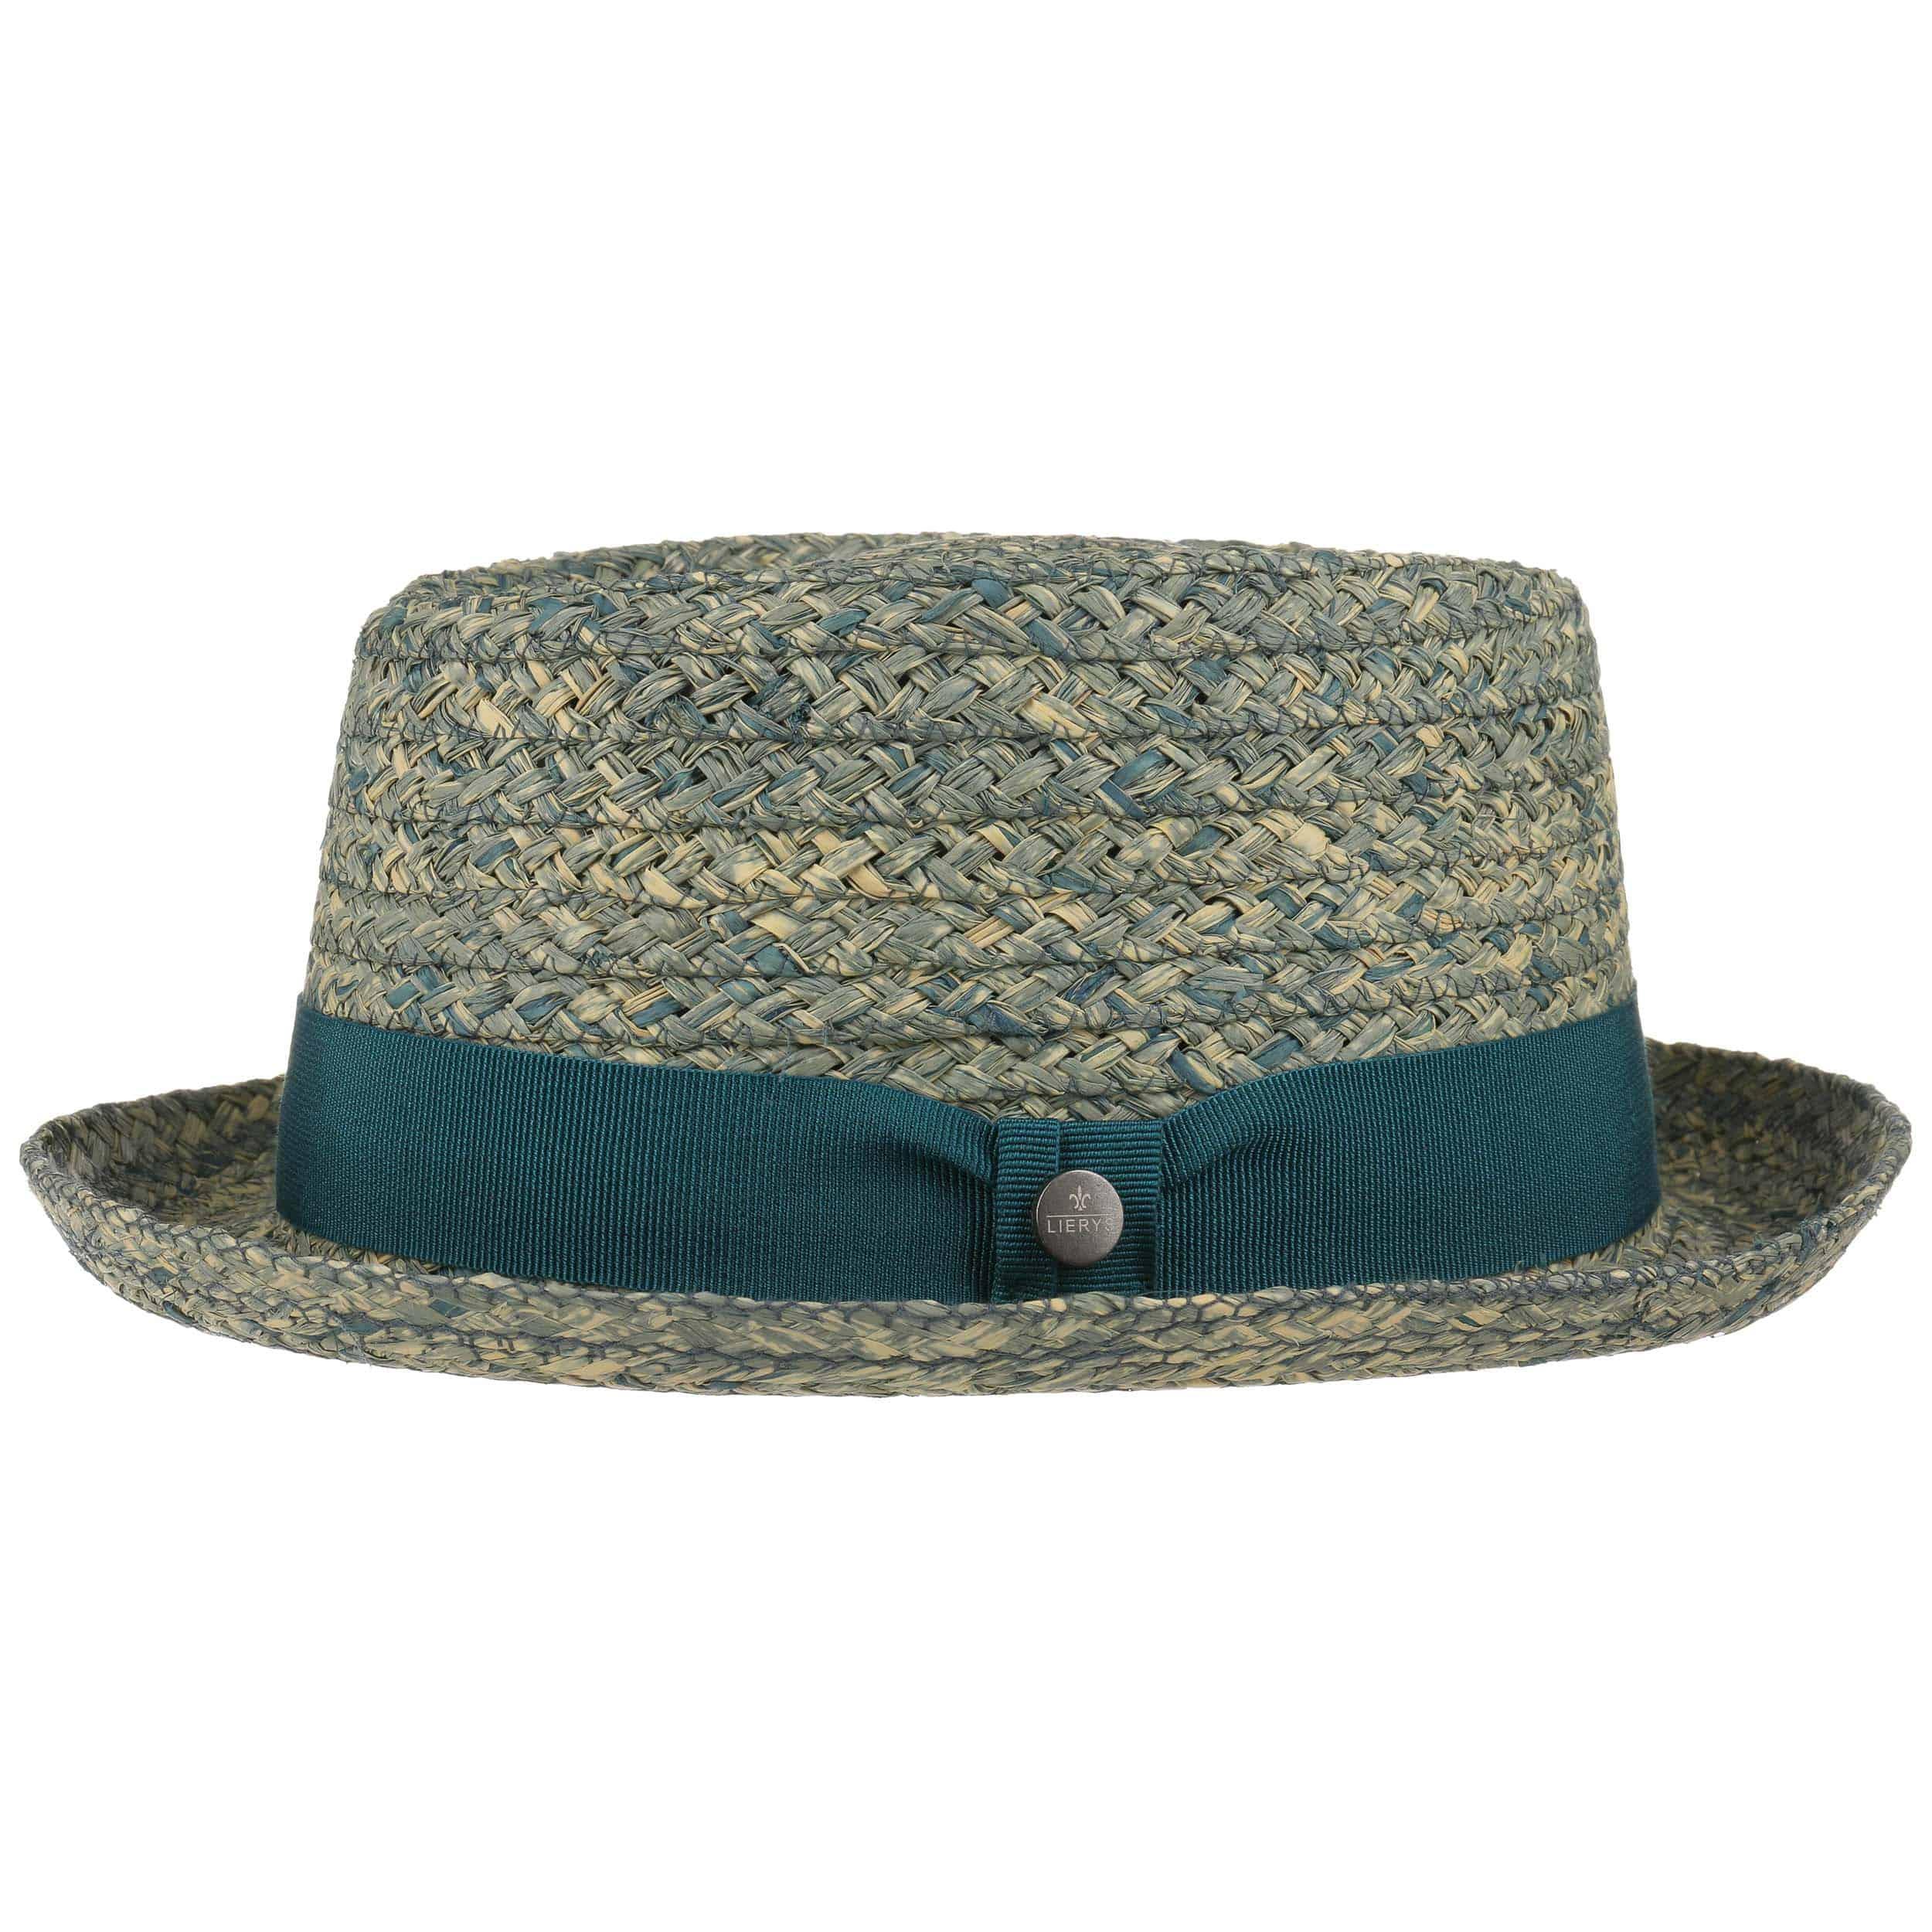 Sombrero de Mujer Burney Porkpie by Lierys - Sombreros - sombreroshop.es fe096b37a44